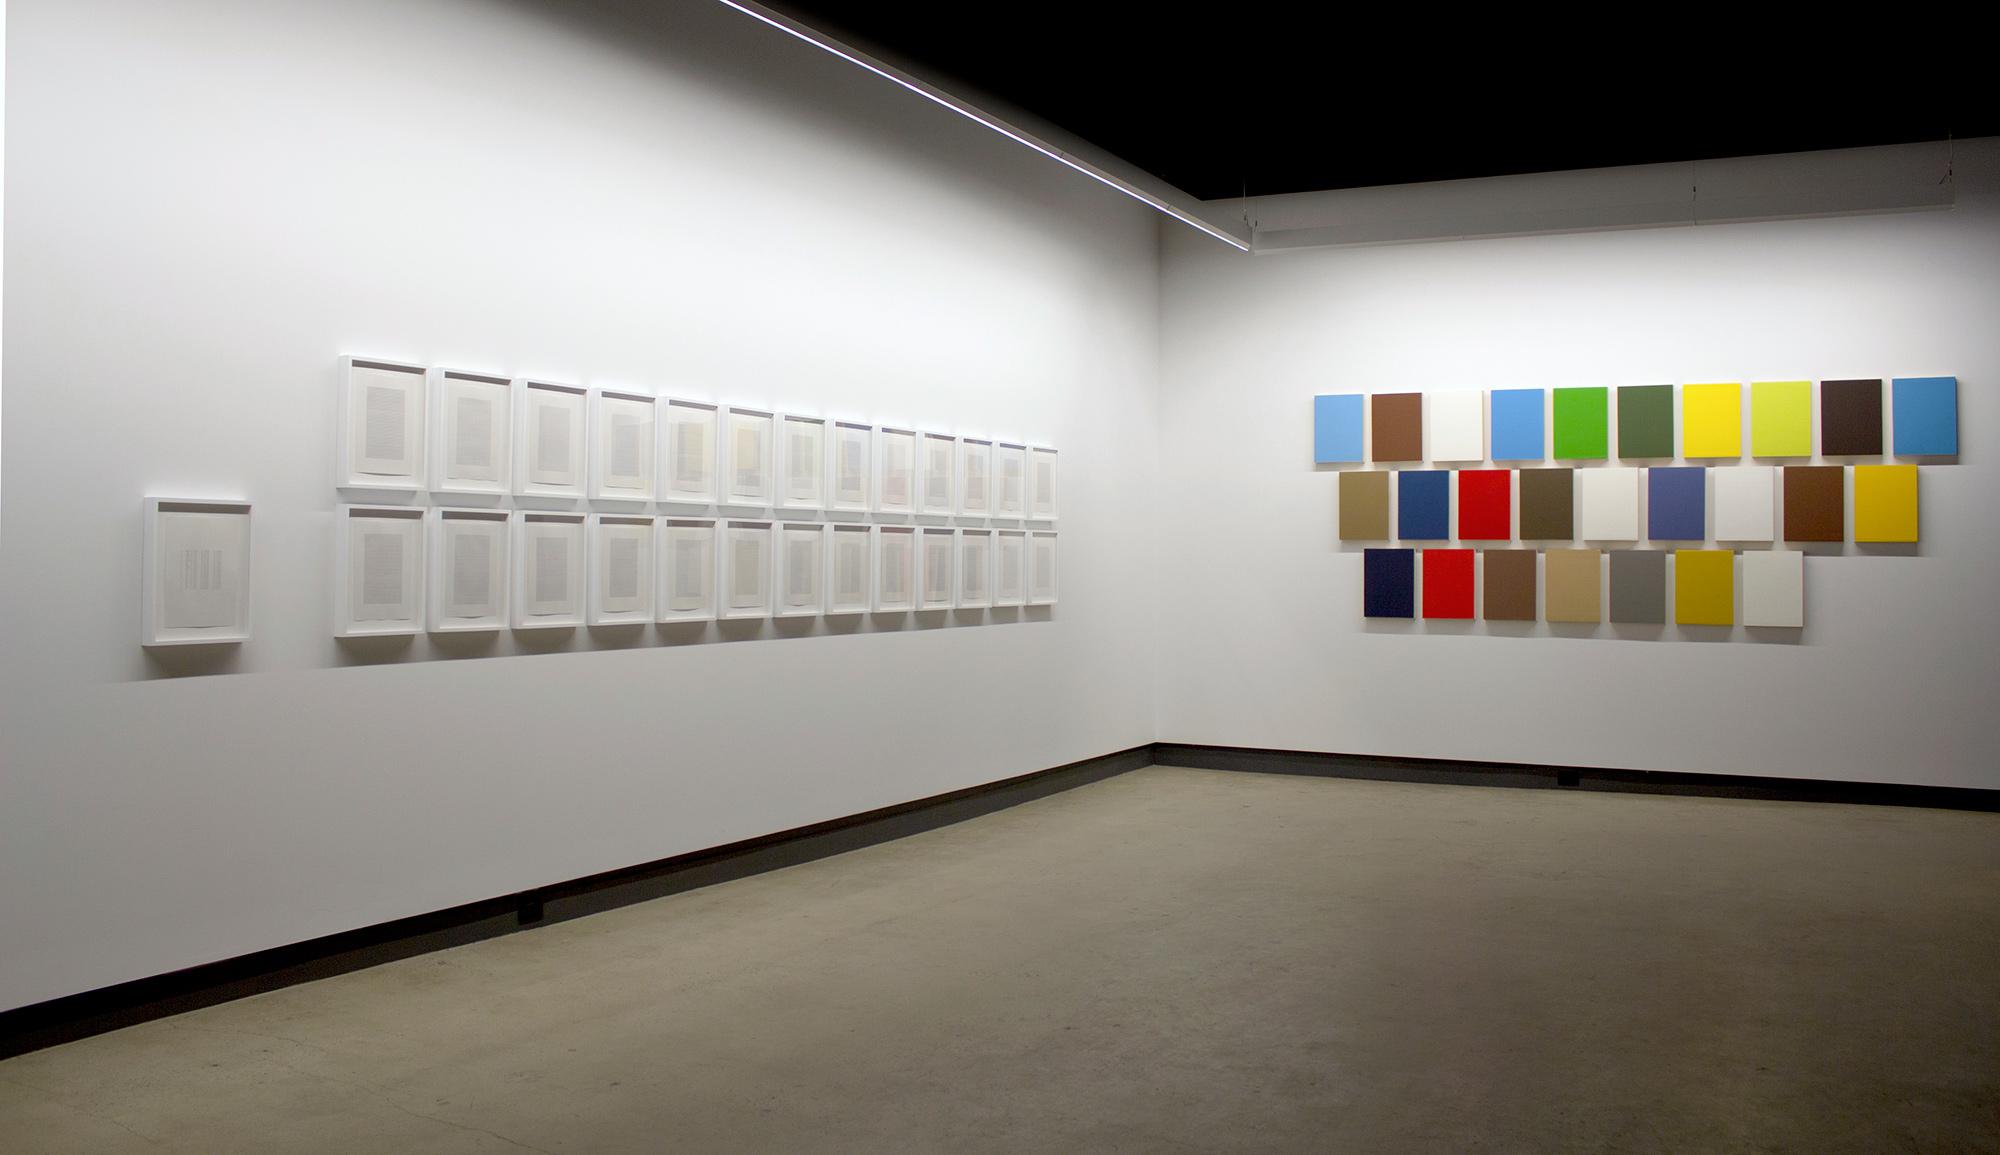 © Nelson Henricks, vue de l'exposition  A Lecture on Art  (2015). Photo : Veronica Mockler.